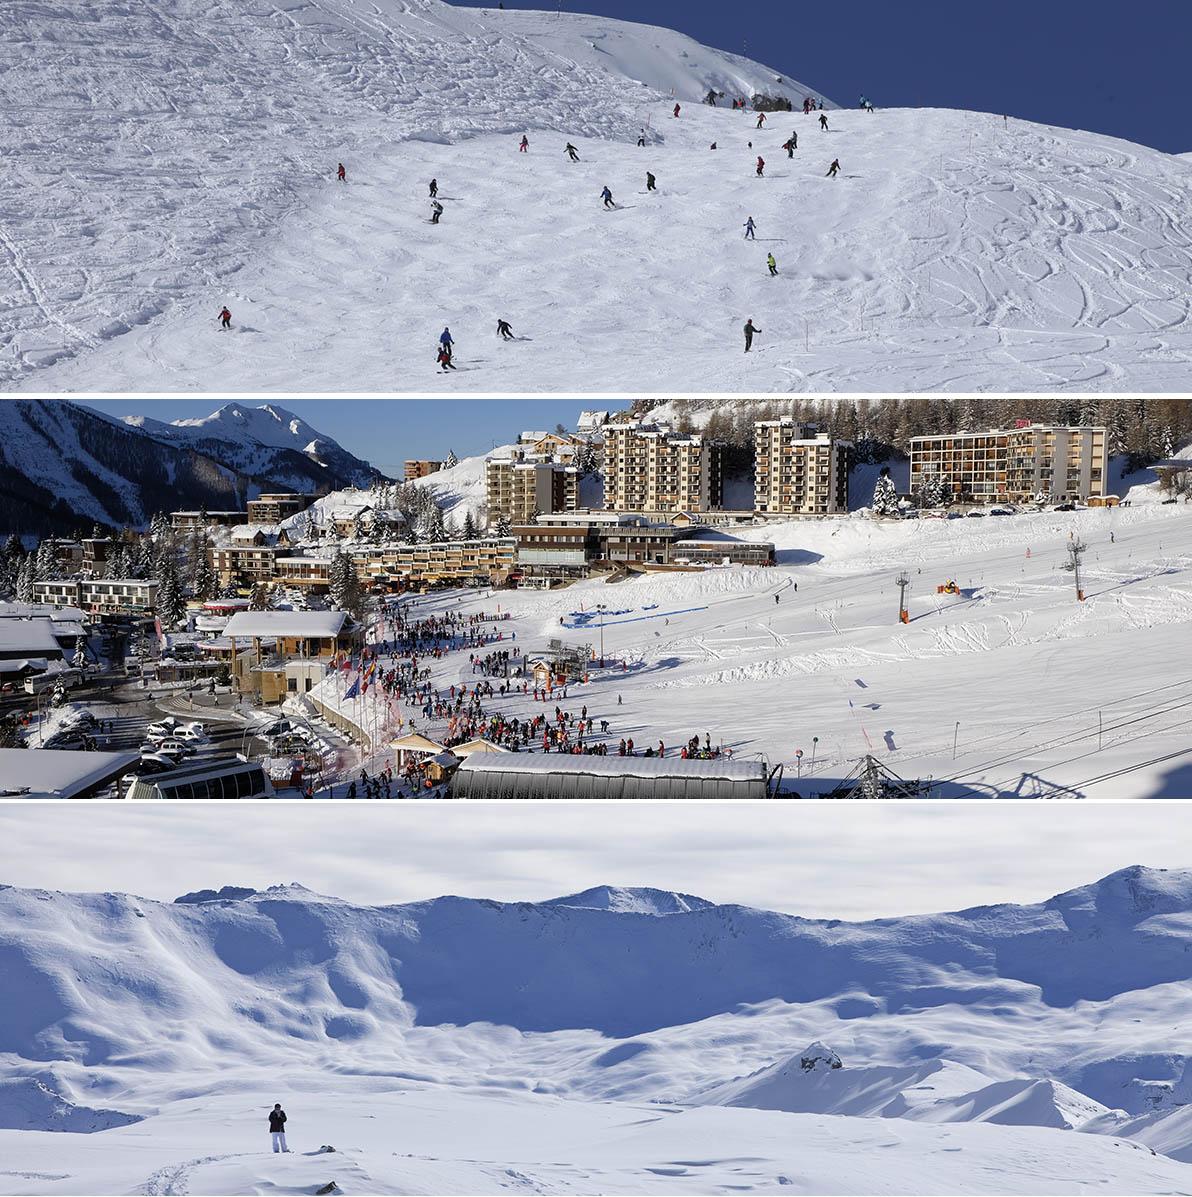 La station de ski d'Orcières Merlette 1850 ses pistes et le massif de l'Écrin